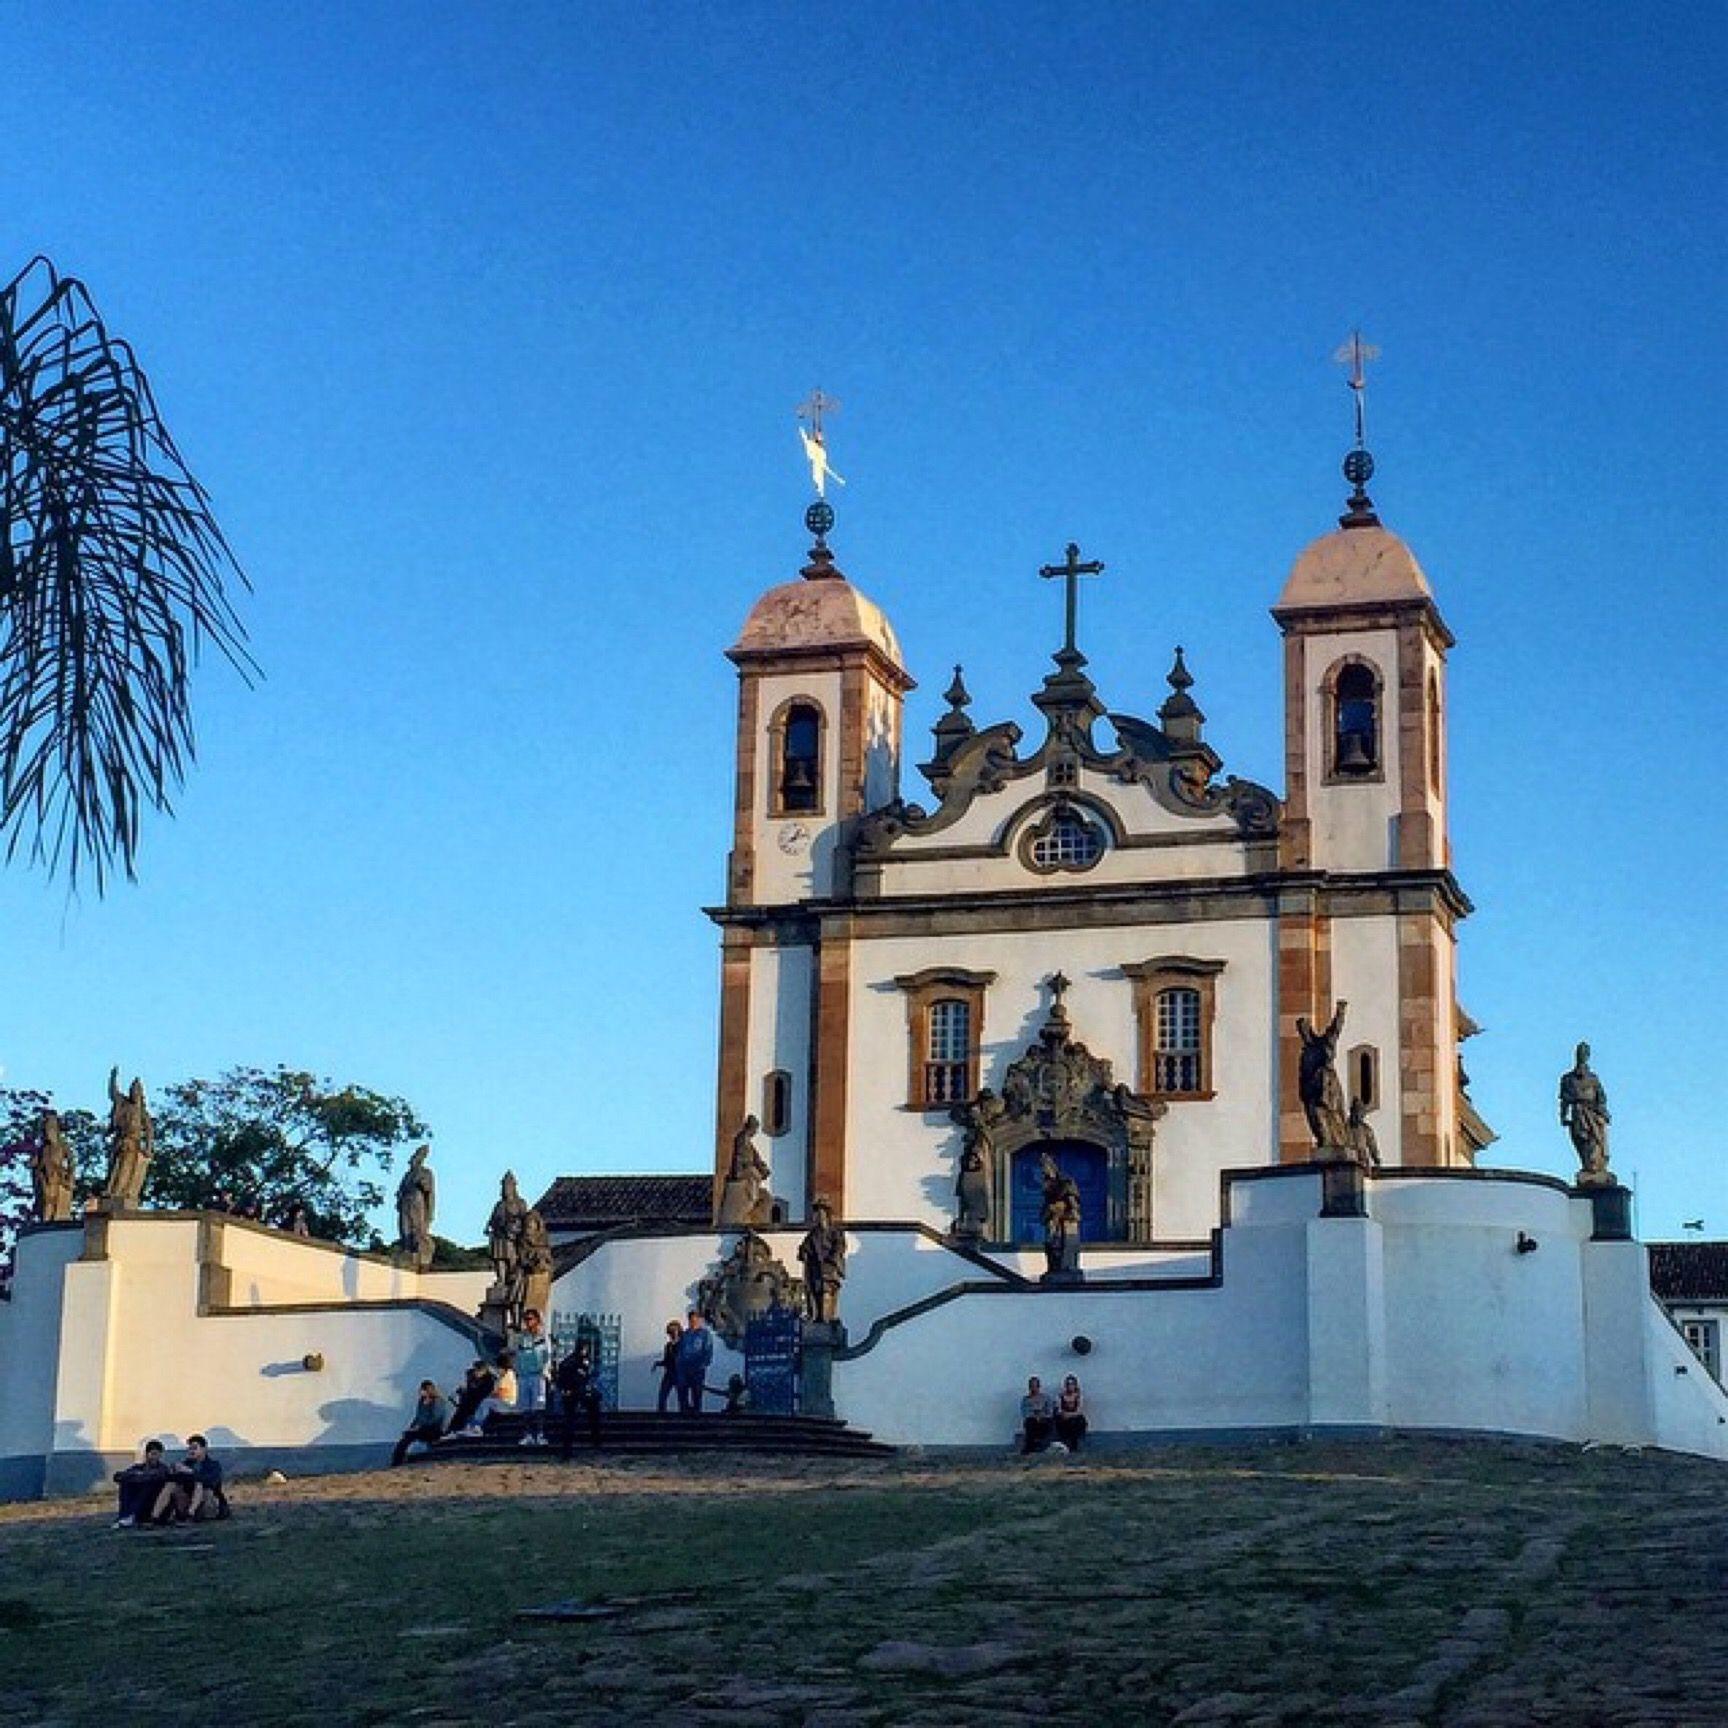 Basílica do Bom Jesus. Localizada em Congonhas do Campo, Minas Gerais (MG), Brasil. Fonte: amearquitetura (instagram)